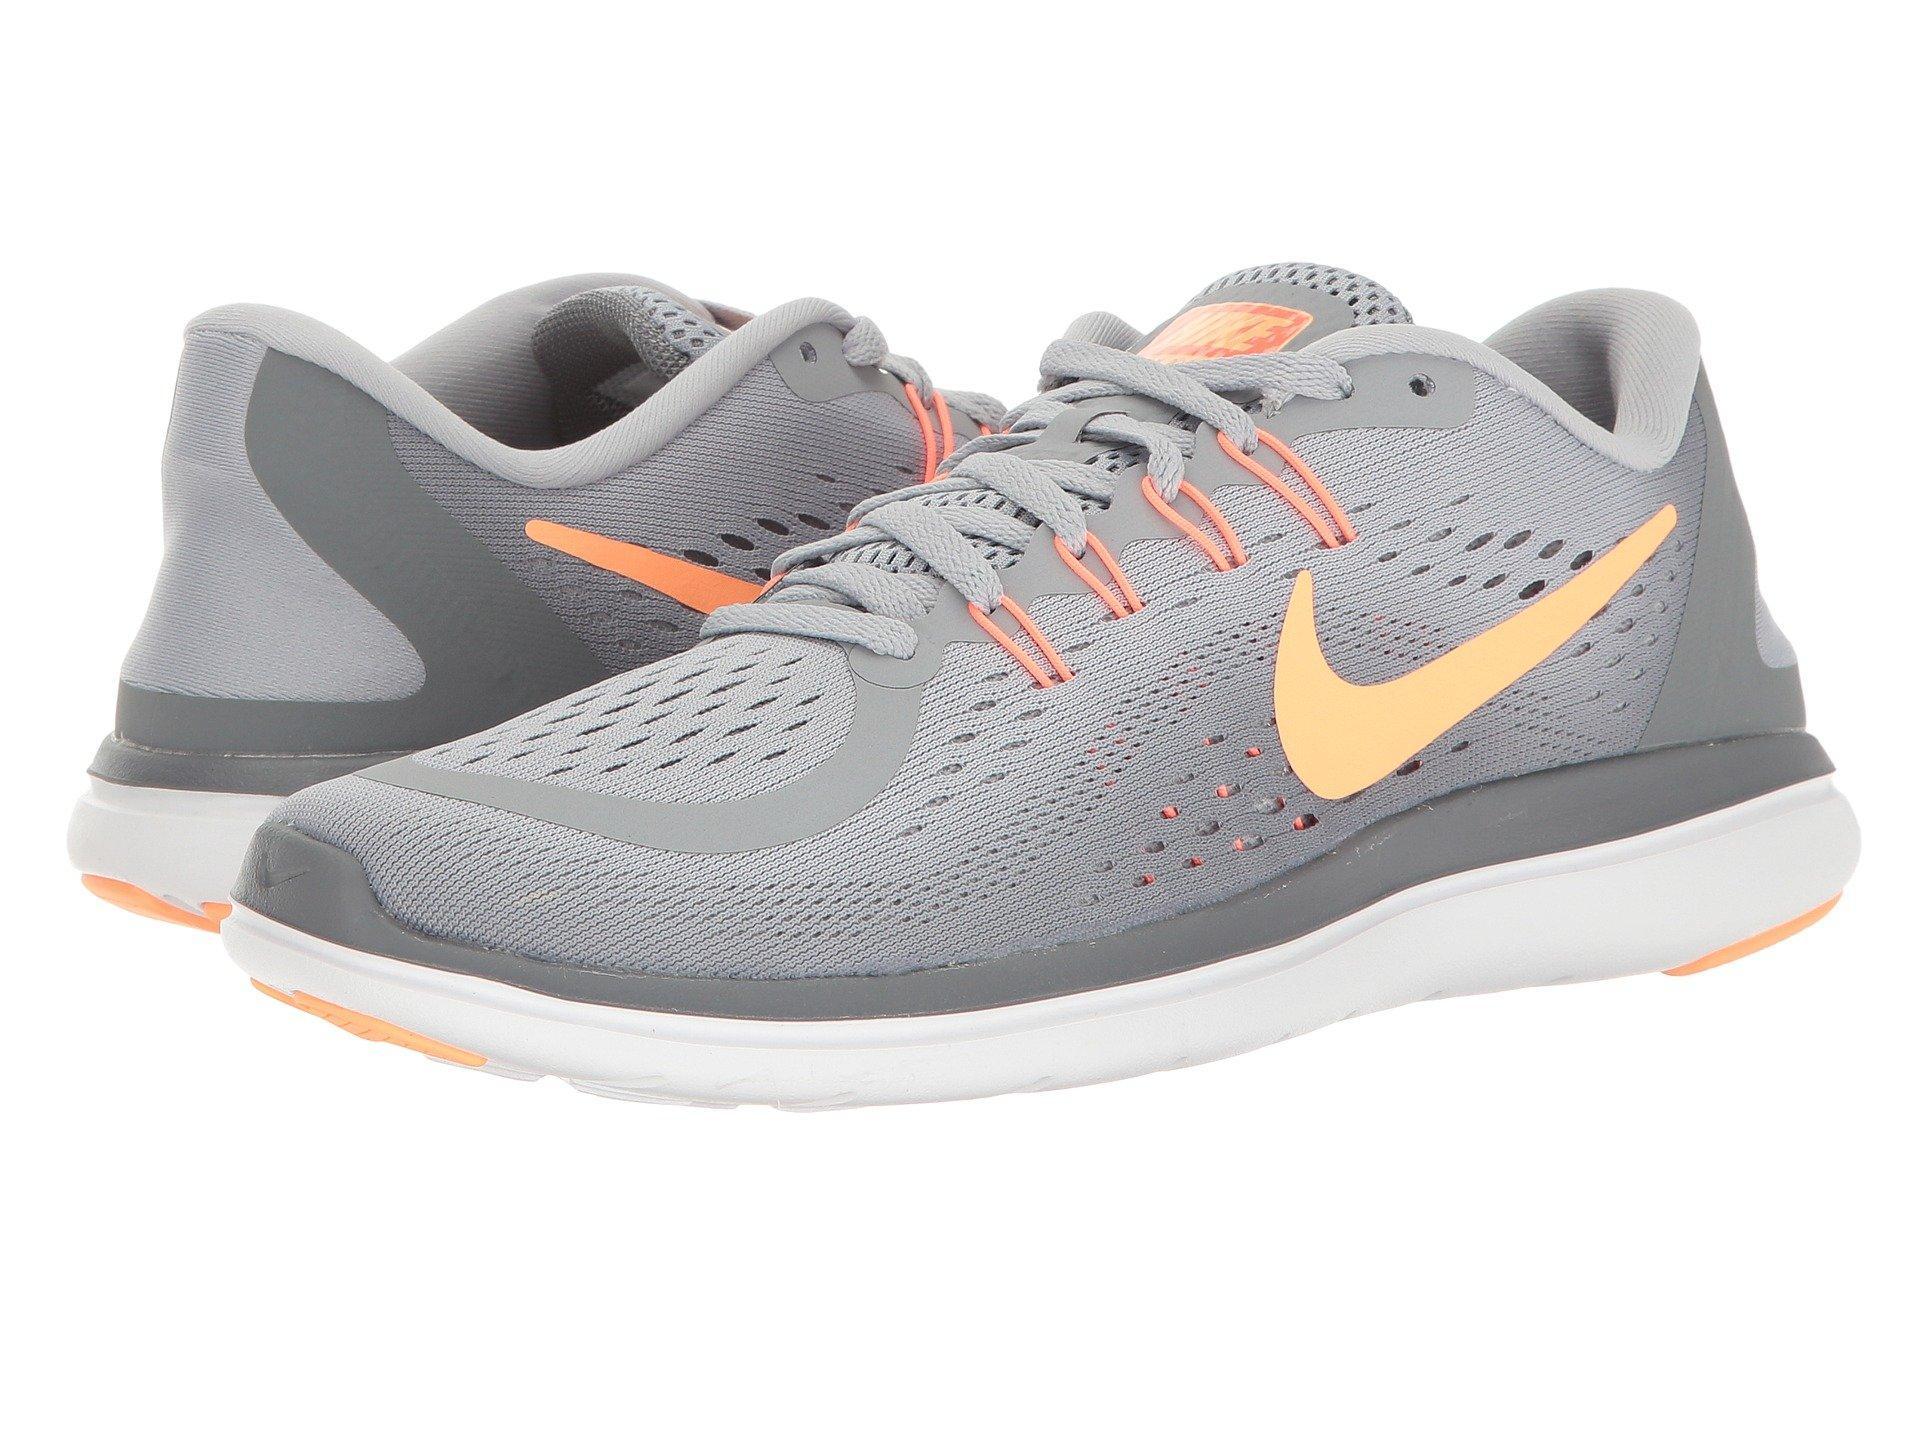 buy popular 0fa96 264ad Nike Flex Rn 2017, Wolf Grey Sunset Glow Cool Grey